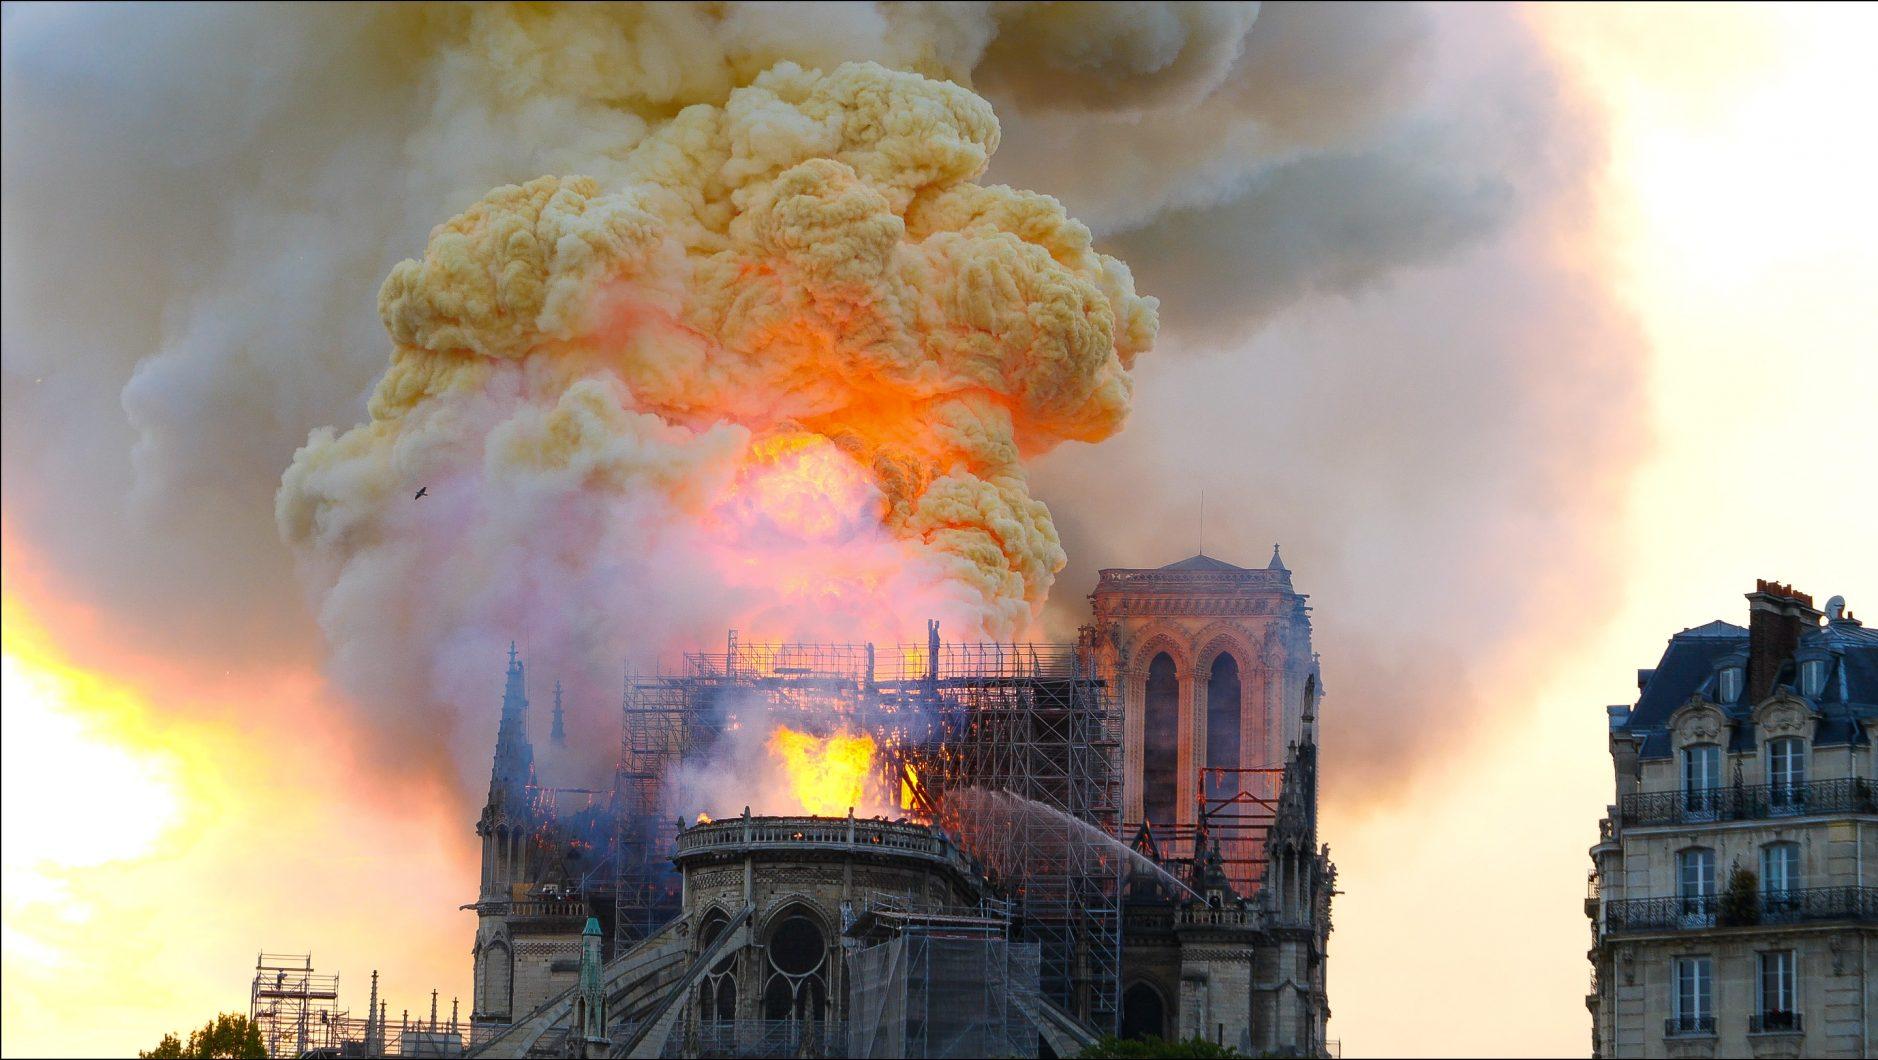 Une boule de feu dans les fumées chargées de plomb, lors de l'incendie de Notre Dame